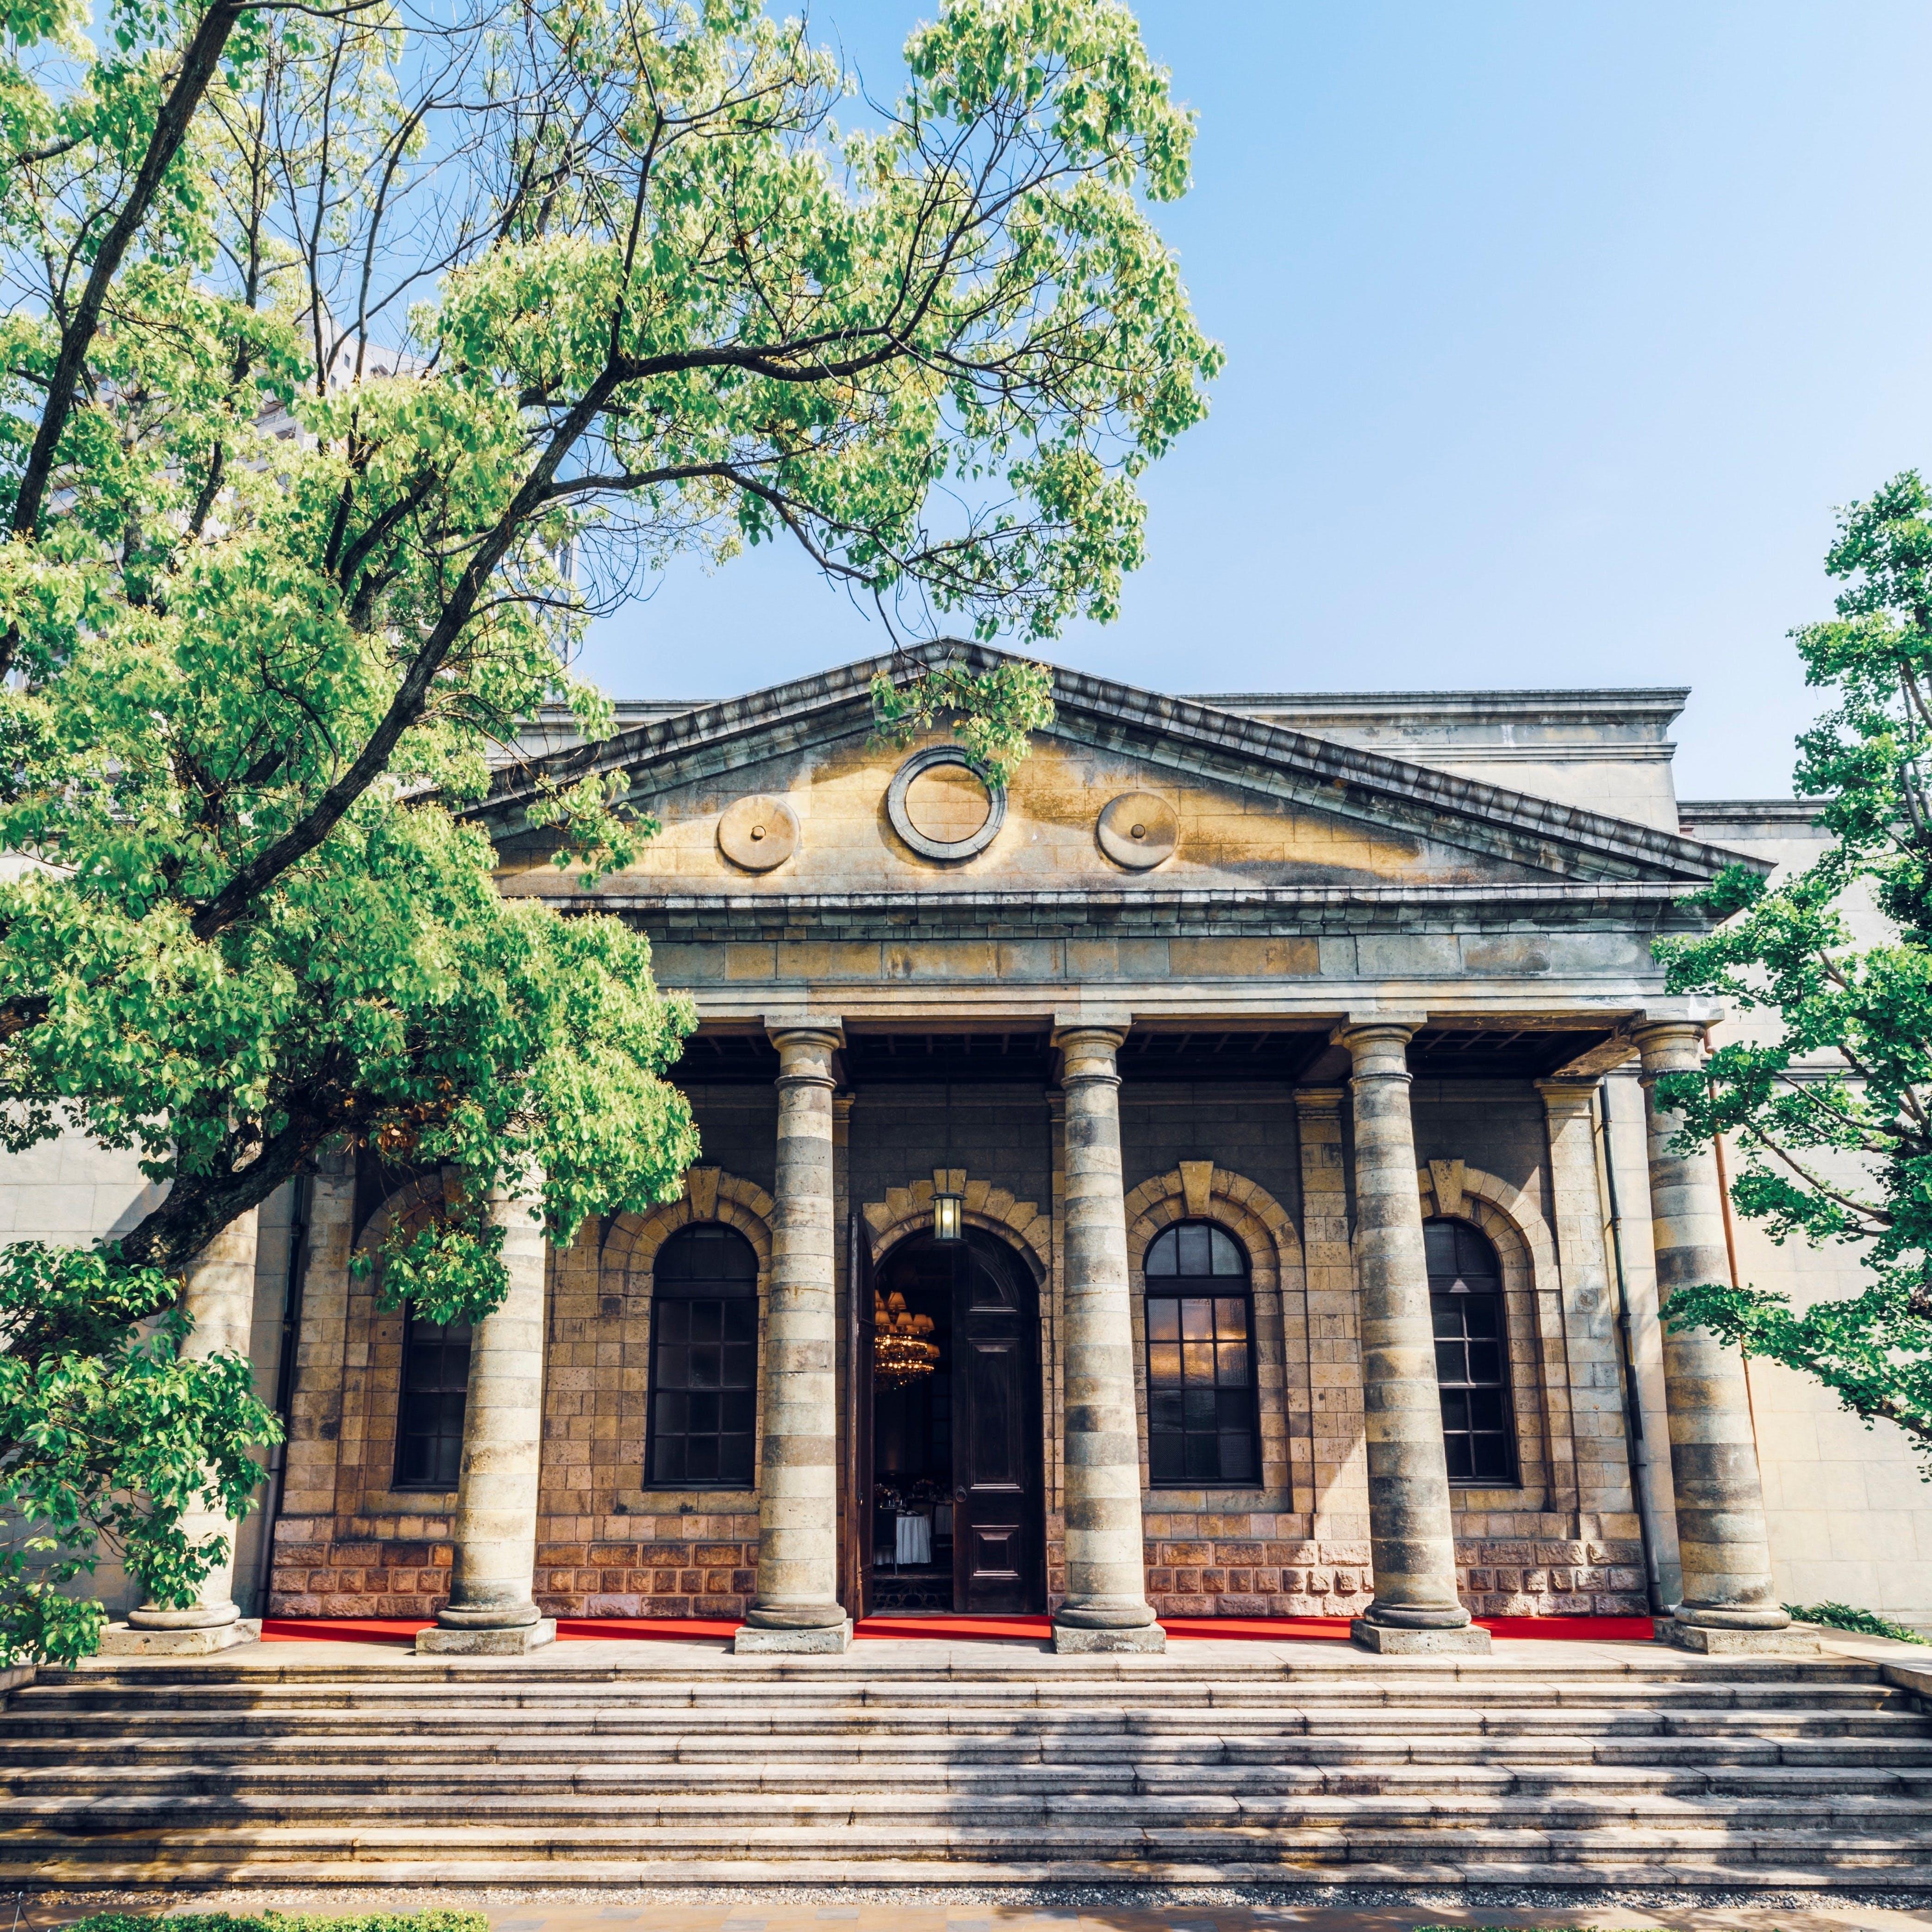 国の重要文化財である正面玄関は、1870年建設の造幣局を移築しレストランに再生